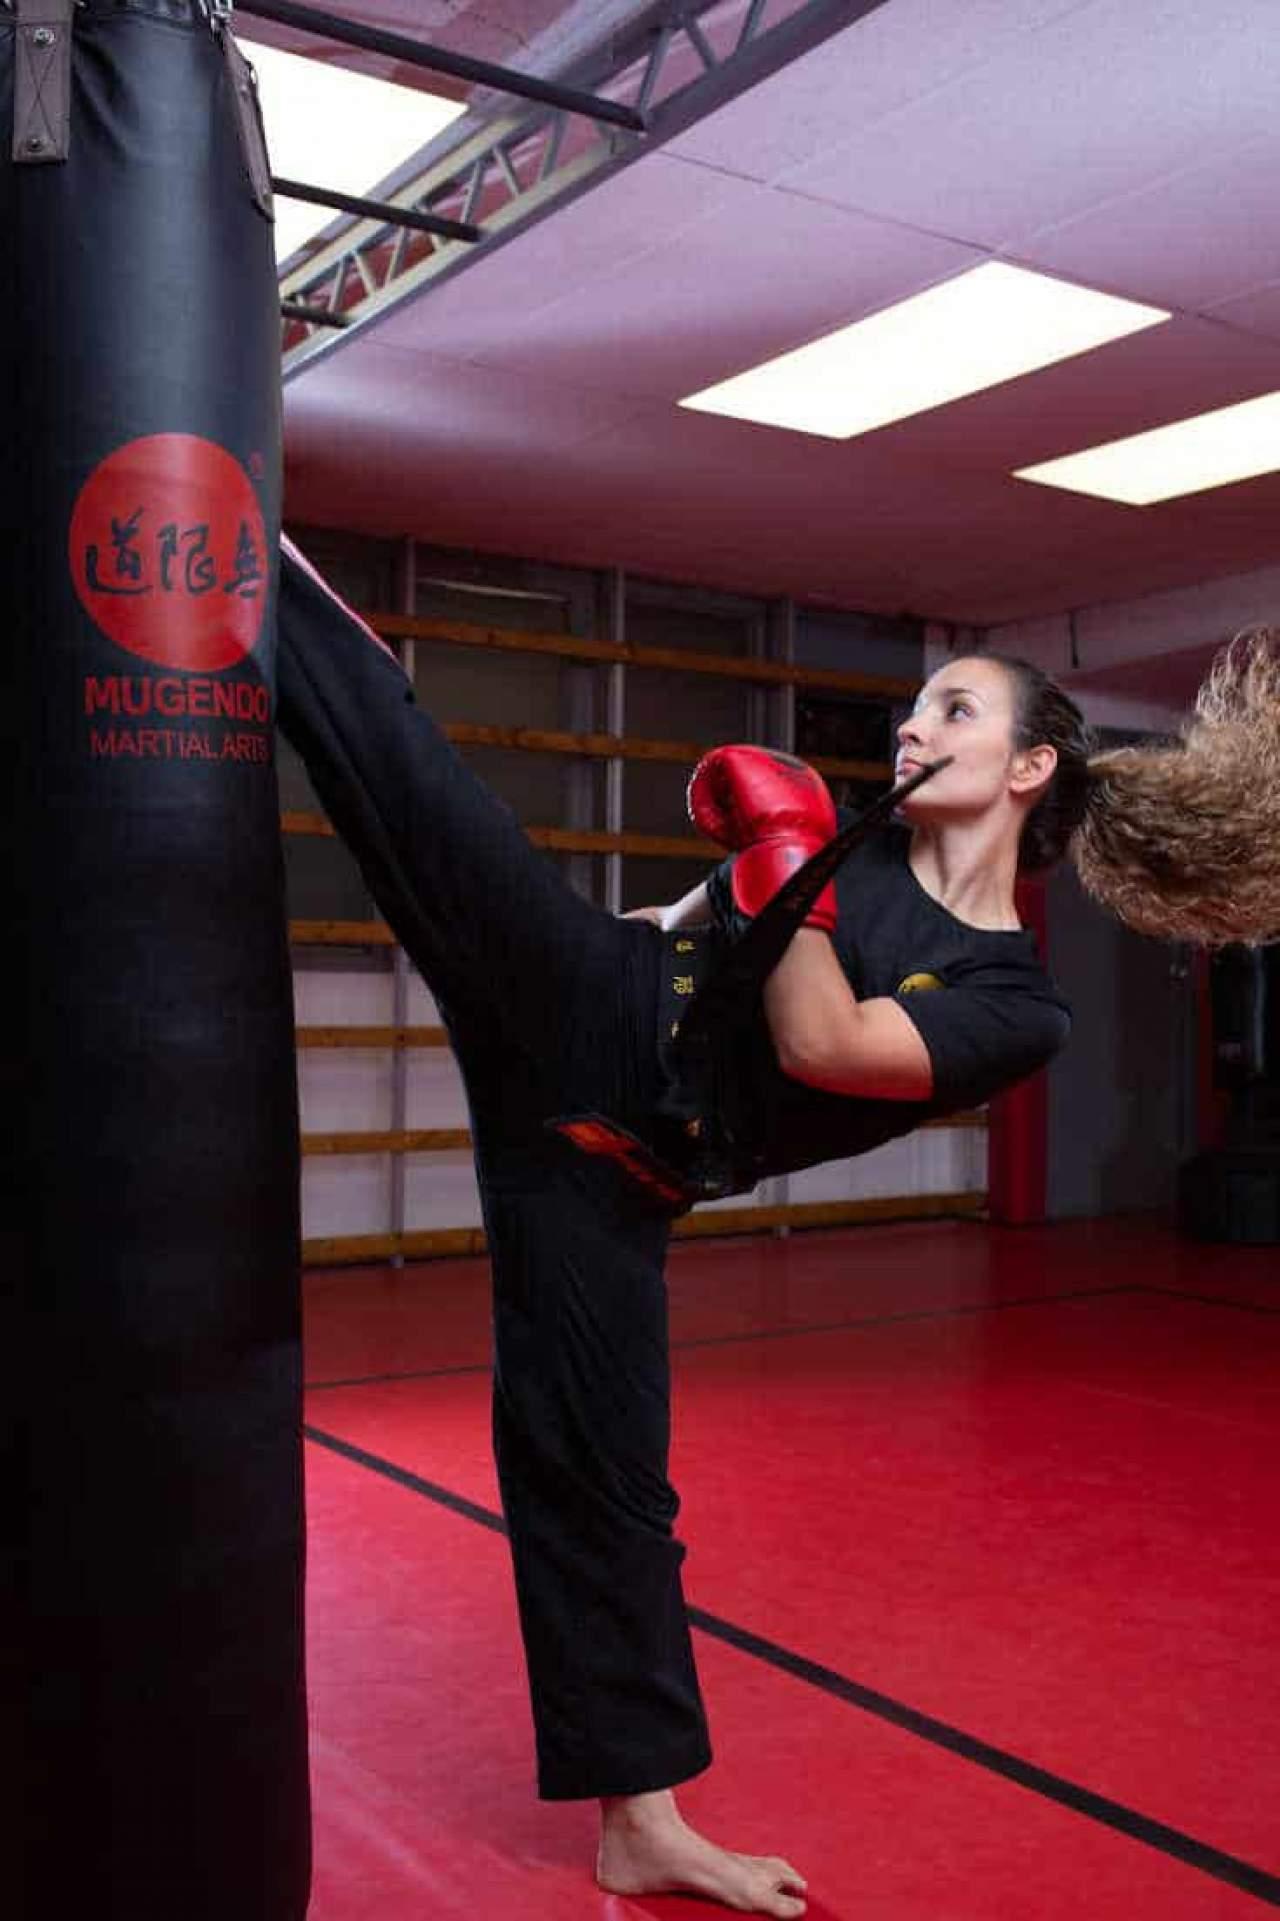 ¿Dónde puedes aprender artes marciales en Vallcarca?